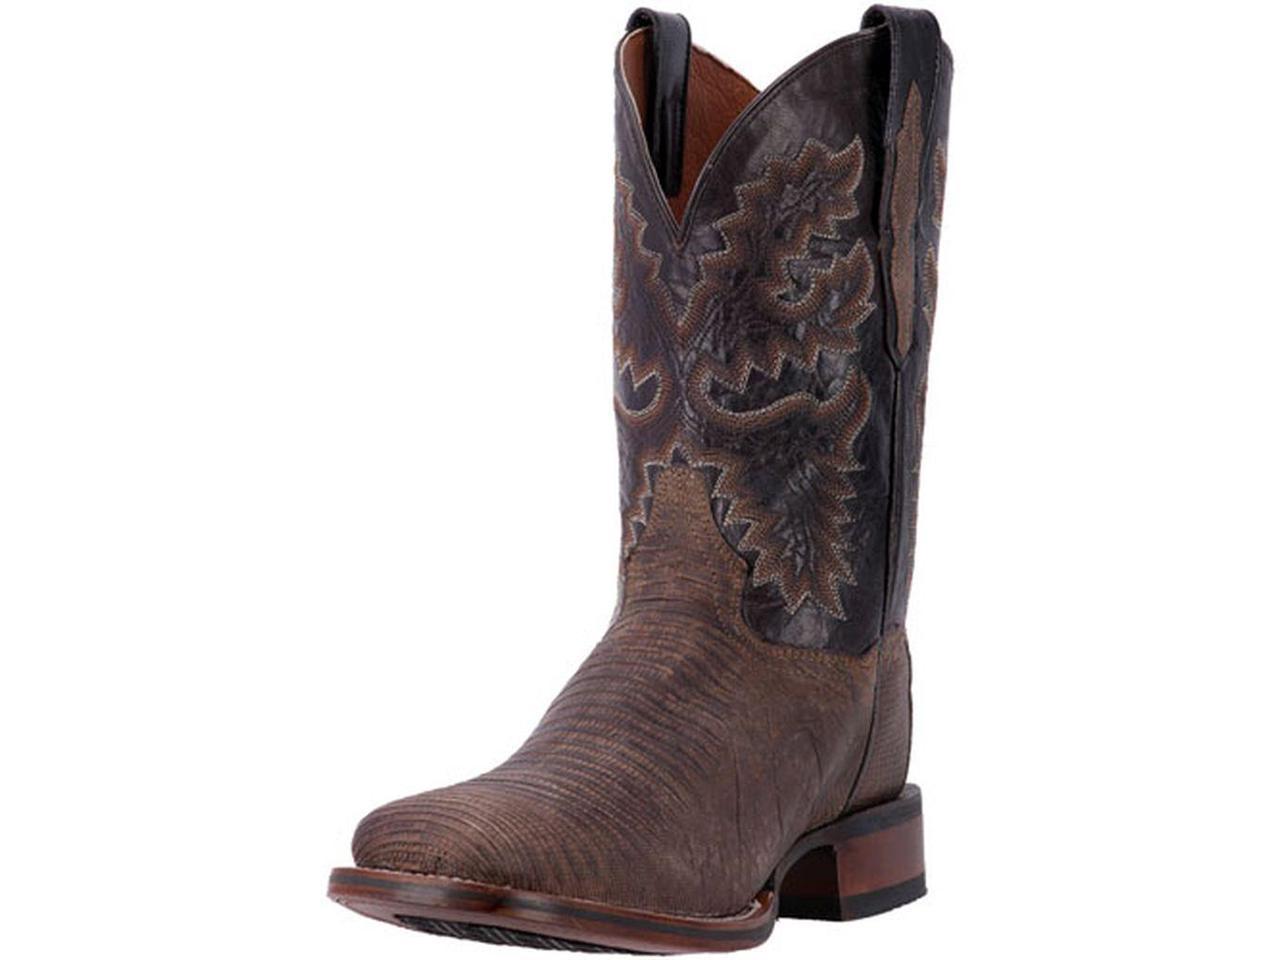 Dan Post Western Boots Mens Hurst Brown Orthotic Stockman 8.5 D Brown Hurst DP3878 980989